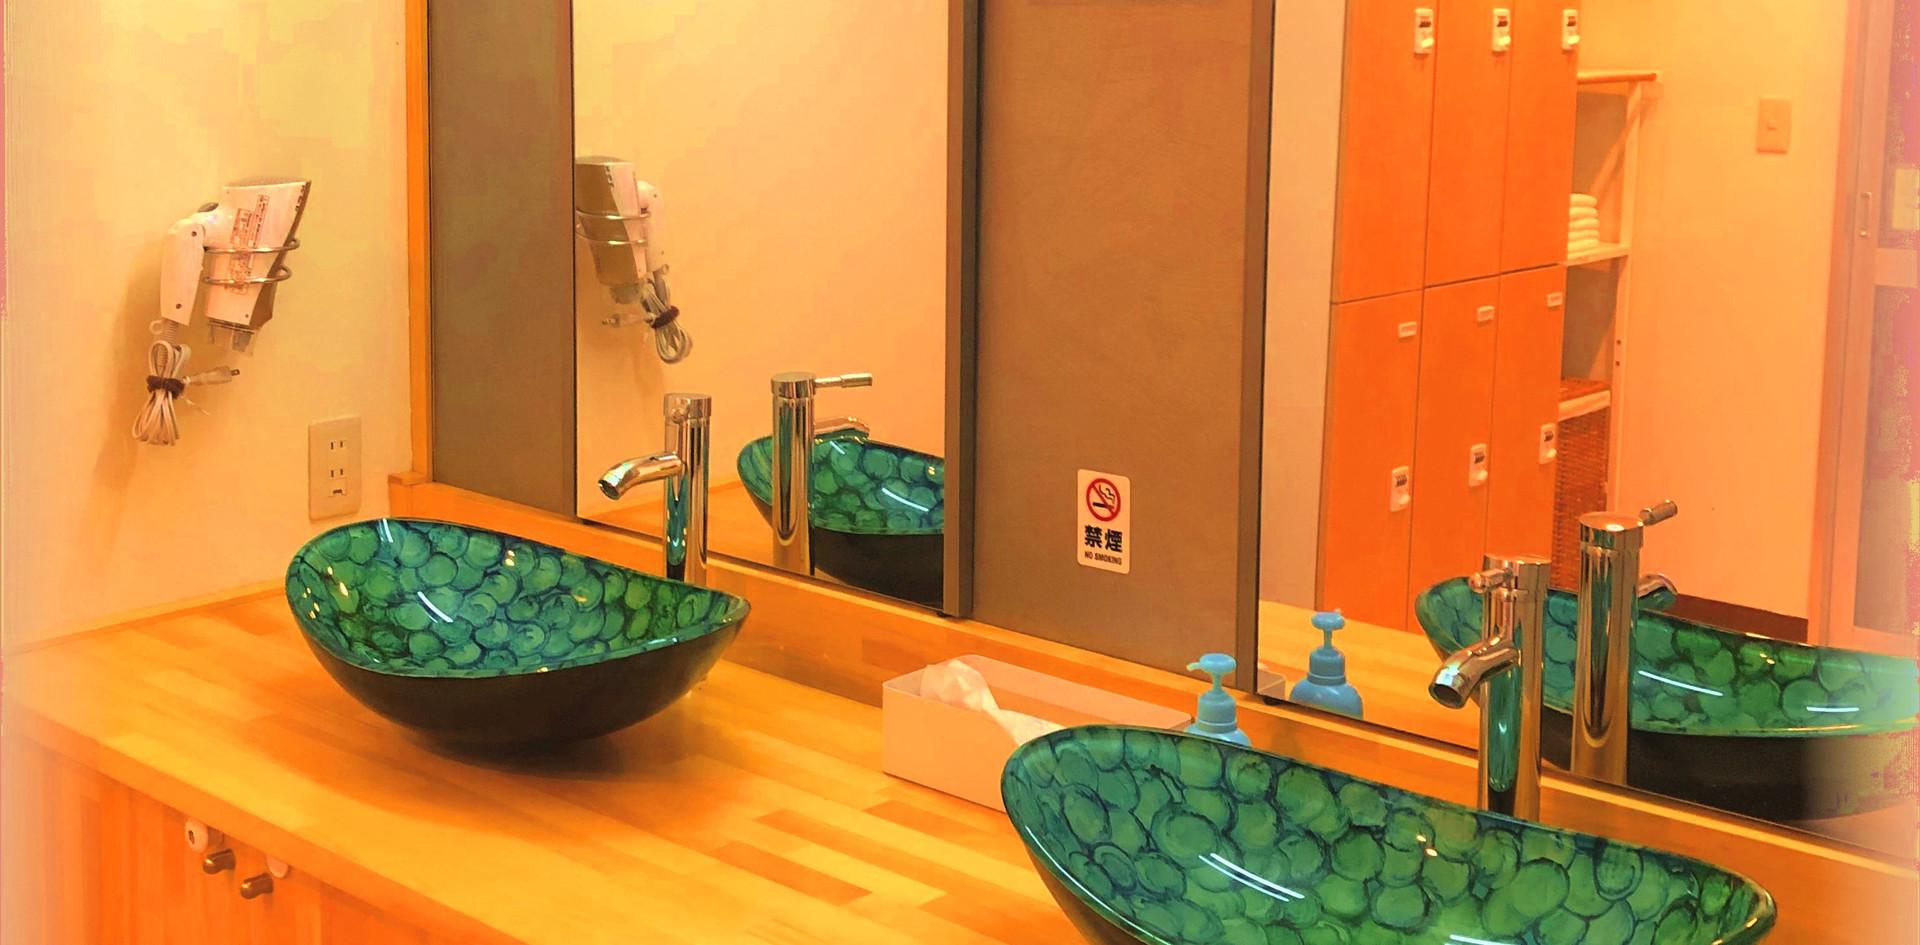 SPA脱衣室(女子)/dressing room